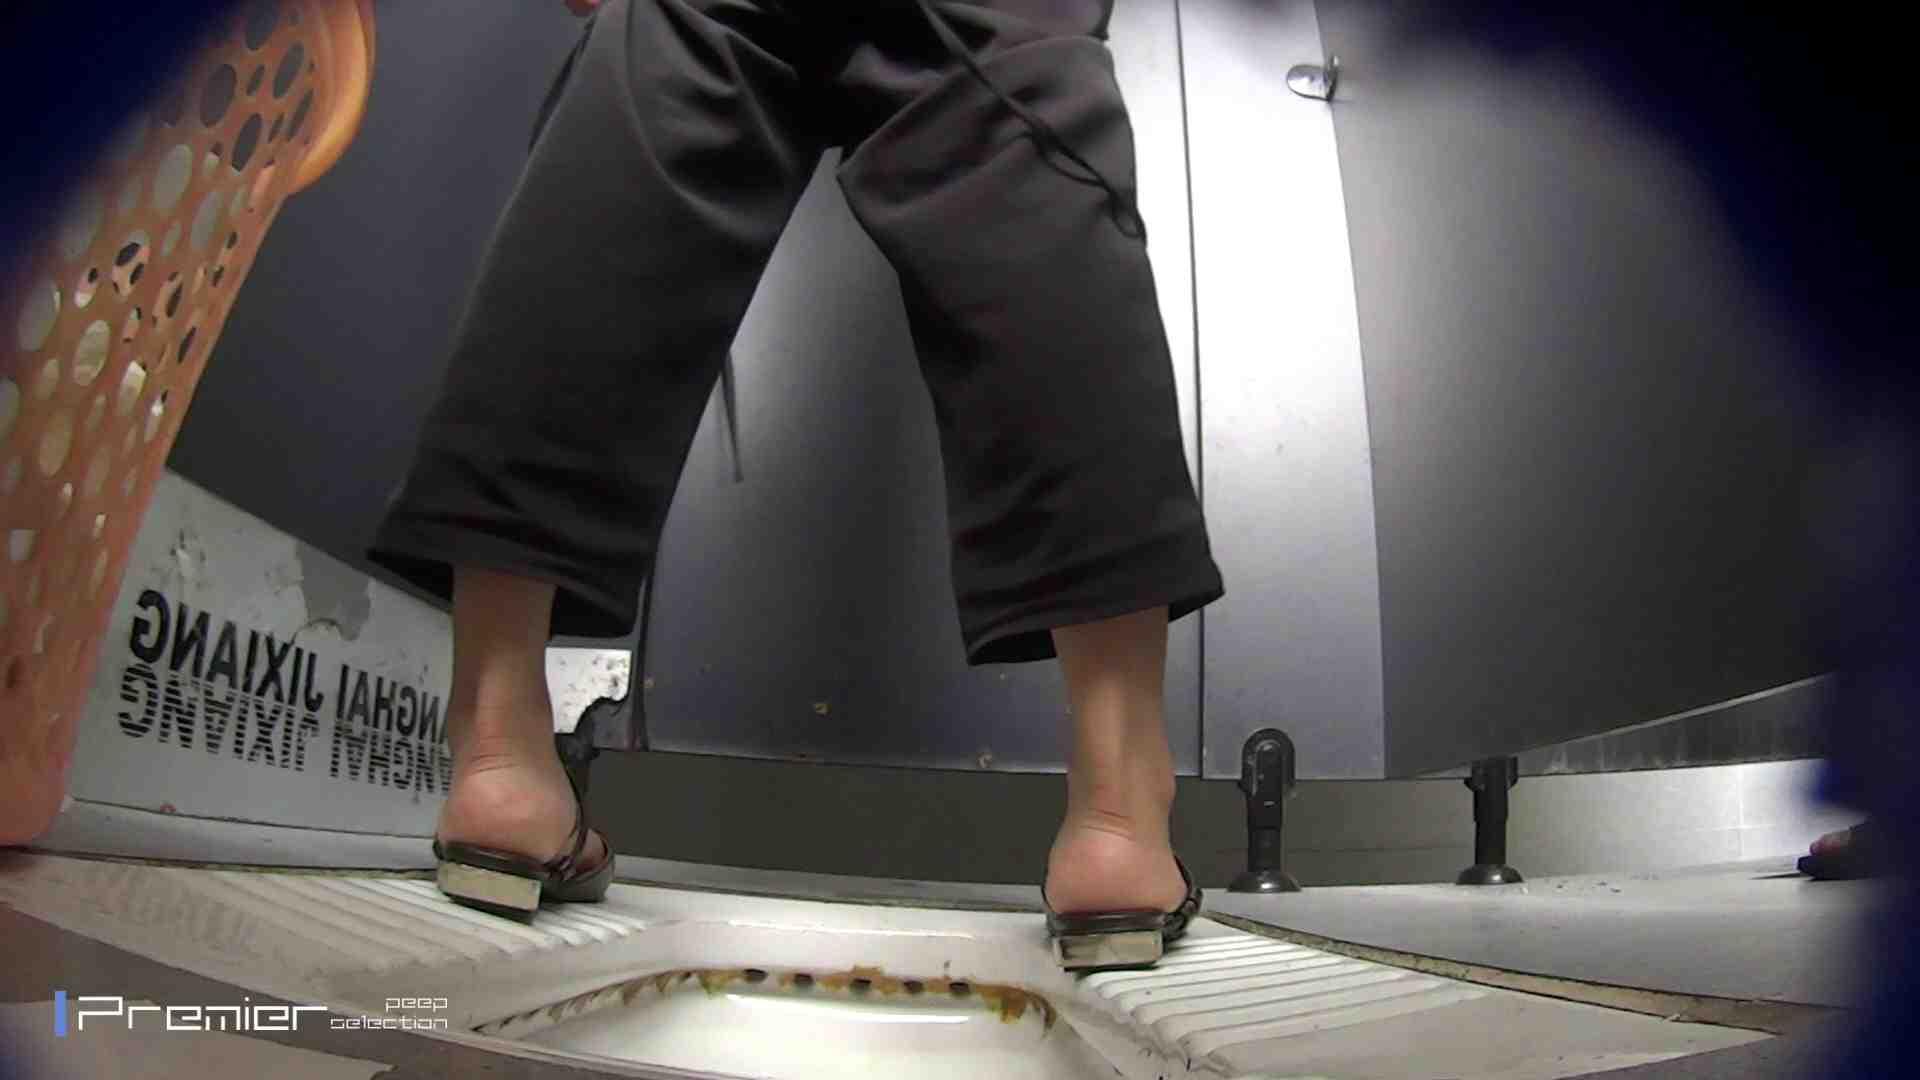 若さ溢れるギャル達のnyo  大学休憩時間の洗面所事情46 盛合せ AV動画キャプチャ 84枚 58